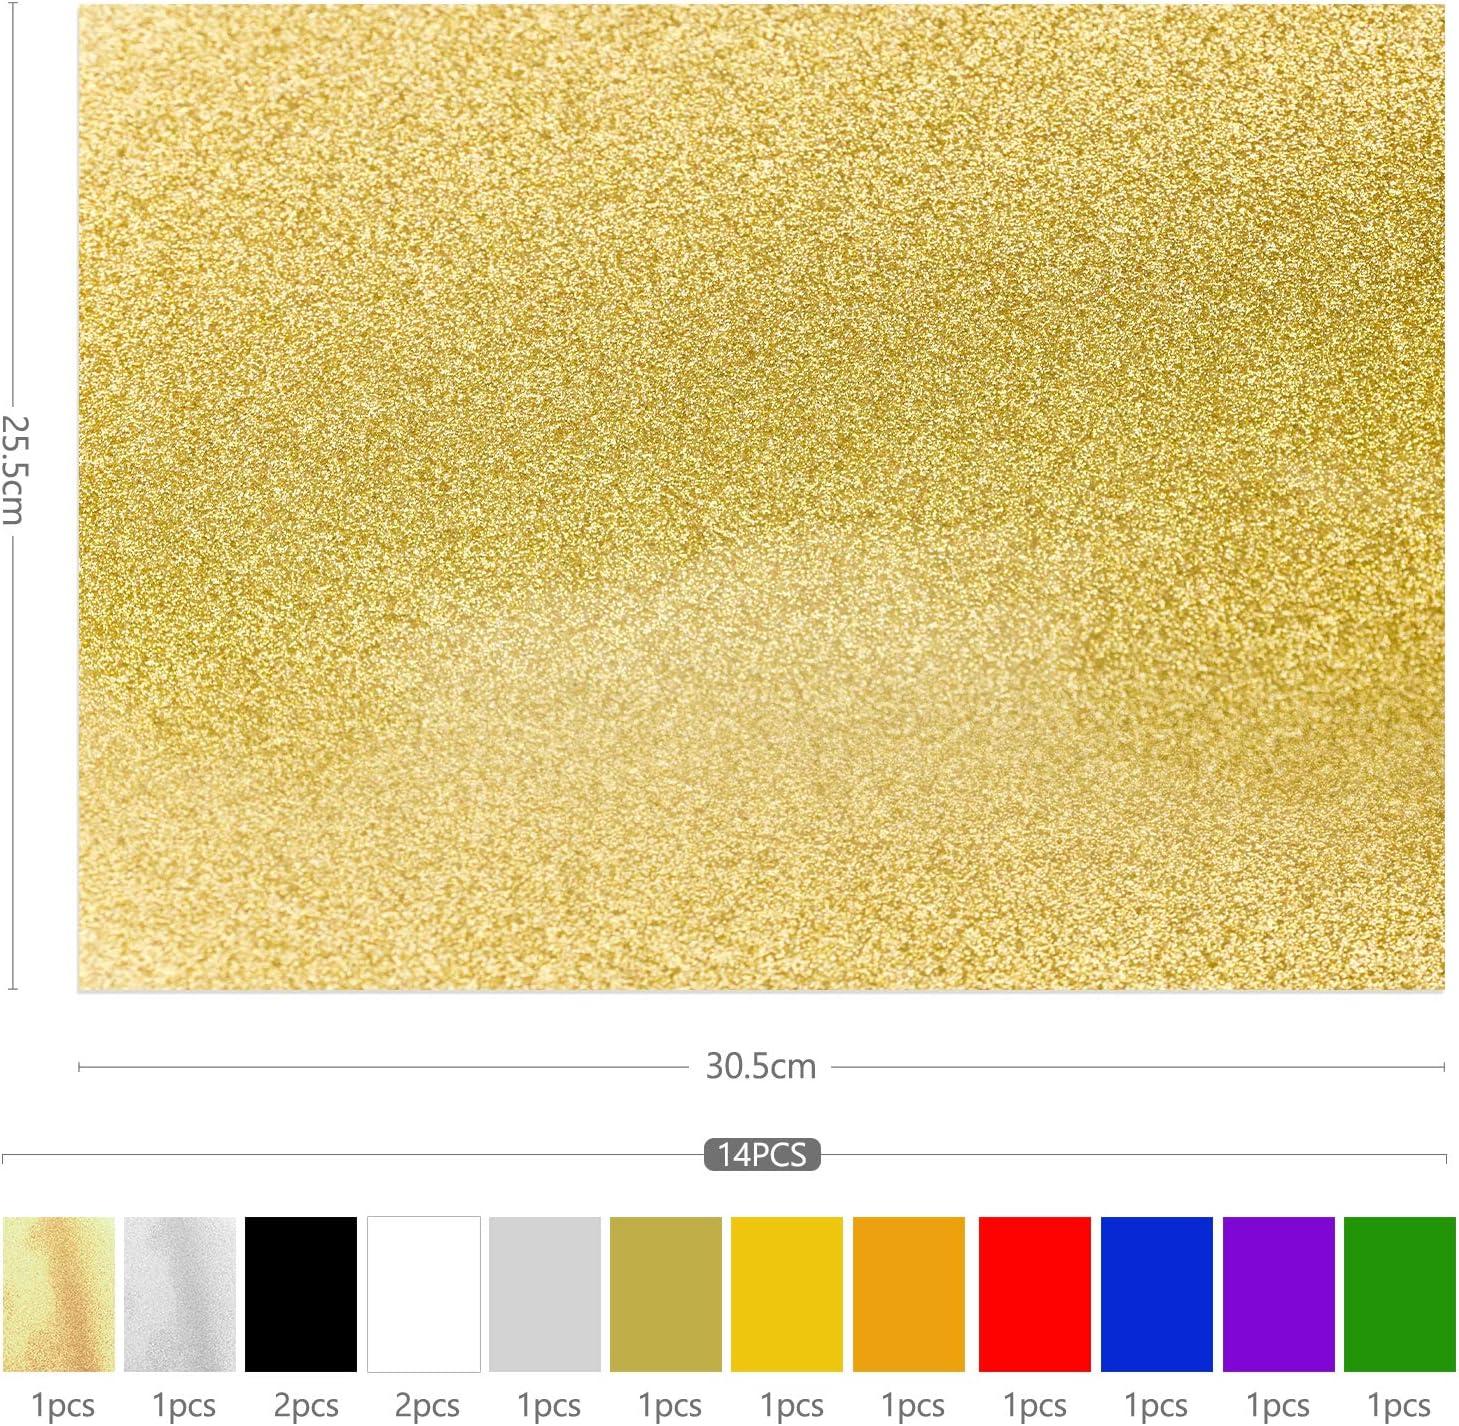 pour DIY V/êtement Chapeau Chaussure Fille Gar/çon Feuilles De Vinyle Silhouettes Portraits 25.5x30.5cm Zaleonline 14 Pi/èces Vinyle de Transfert De Chaleur